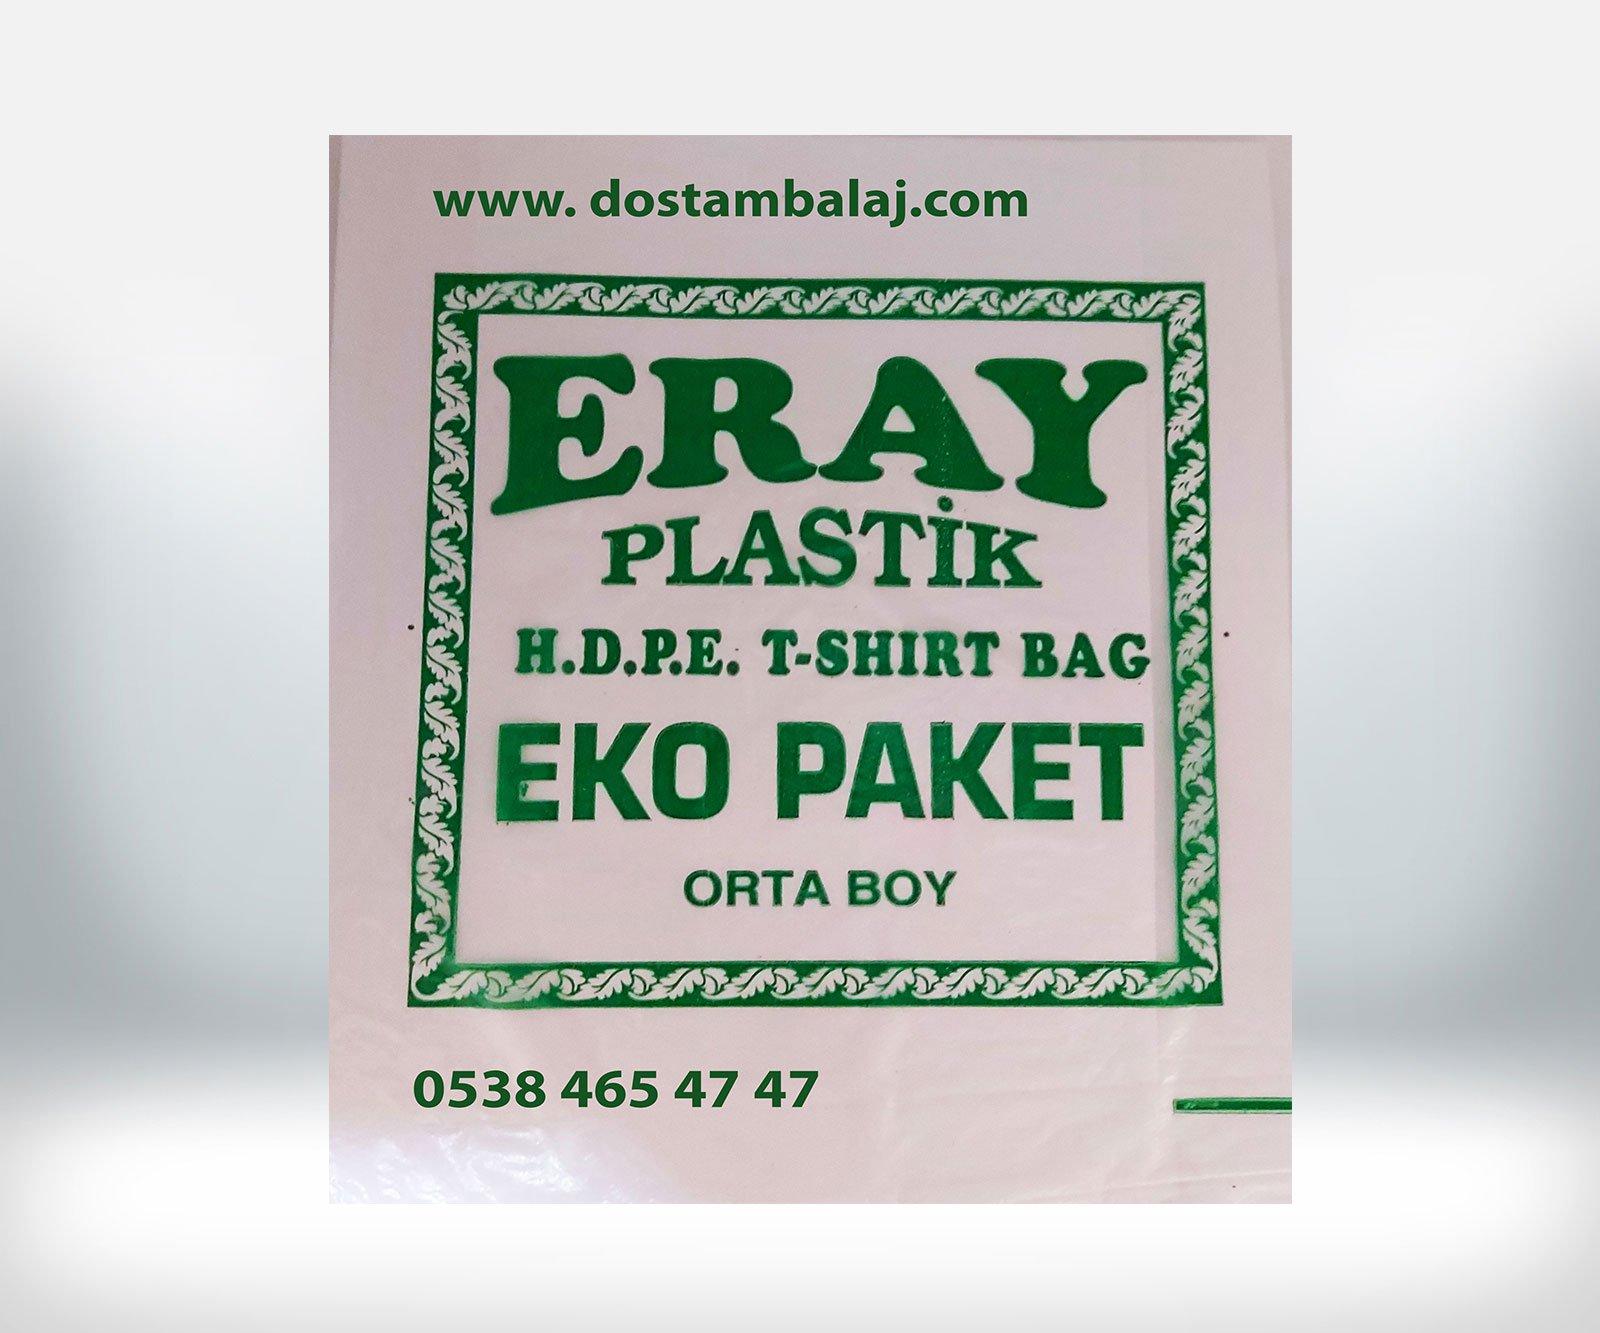 Eray Orta Boy Eko Paket